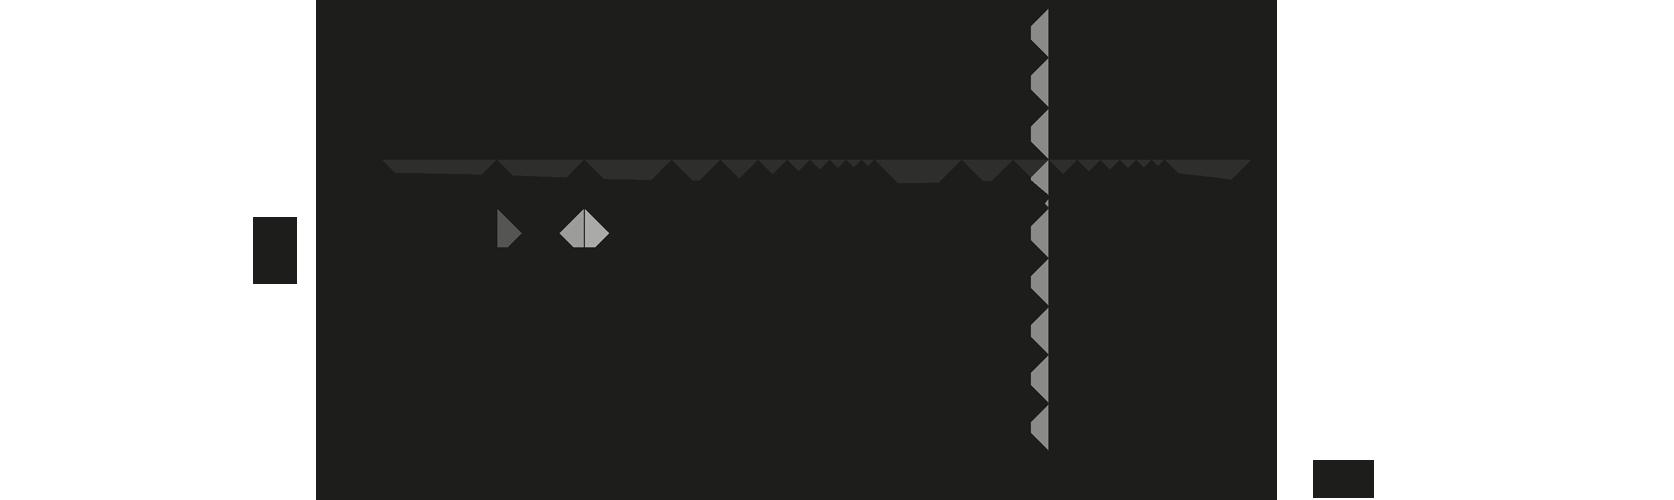 Shure KSM32 Micrófono de condensador cardioide (grafito o champán) Imagen de la curva de la respuesta en frecuencia